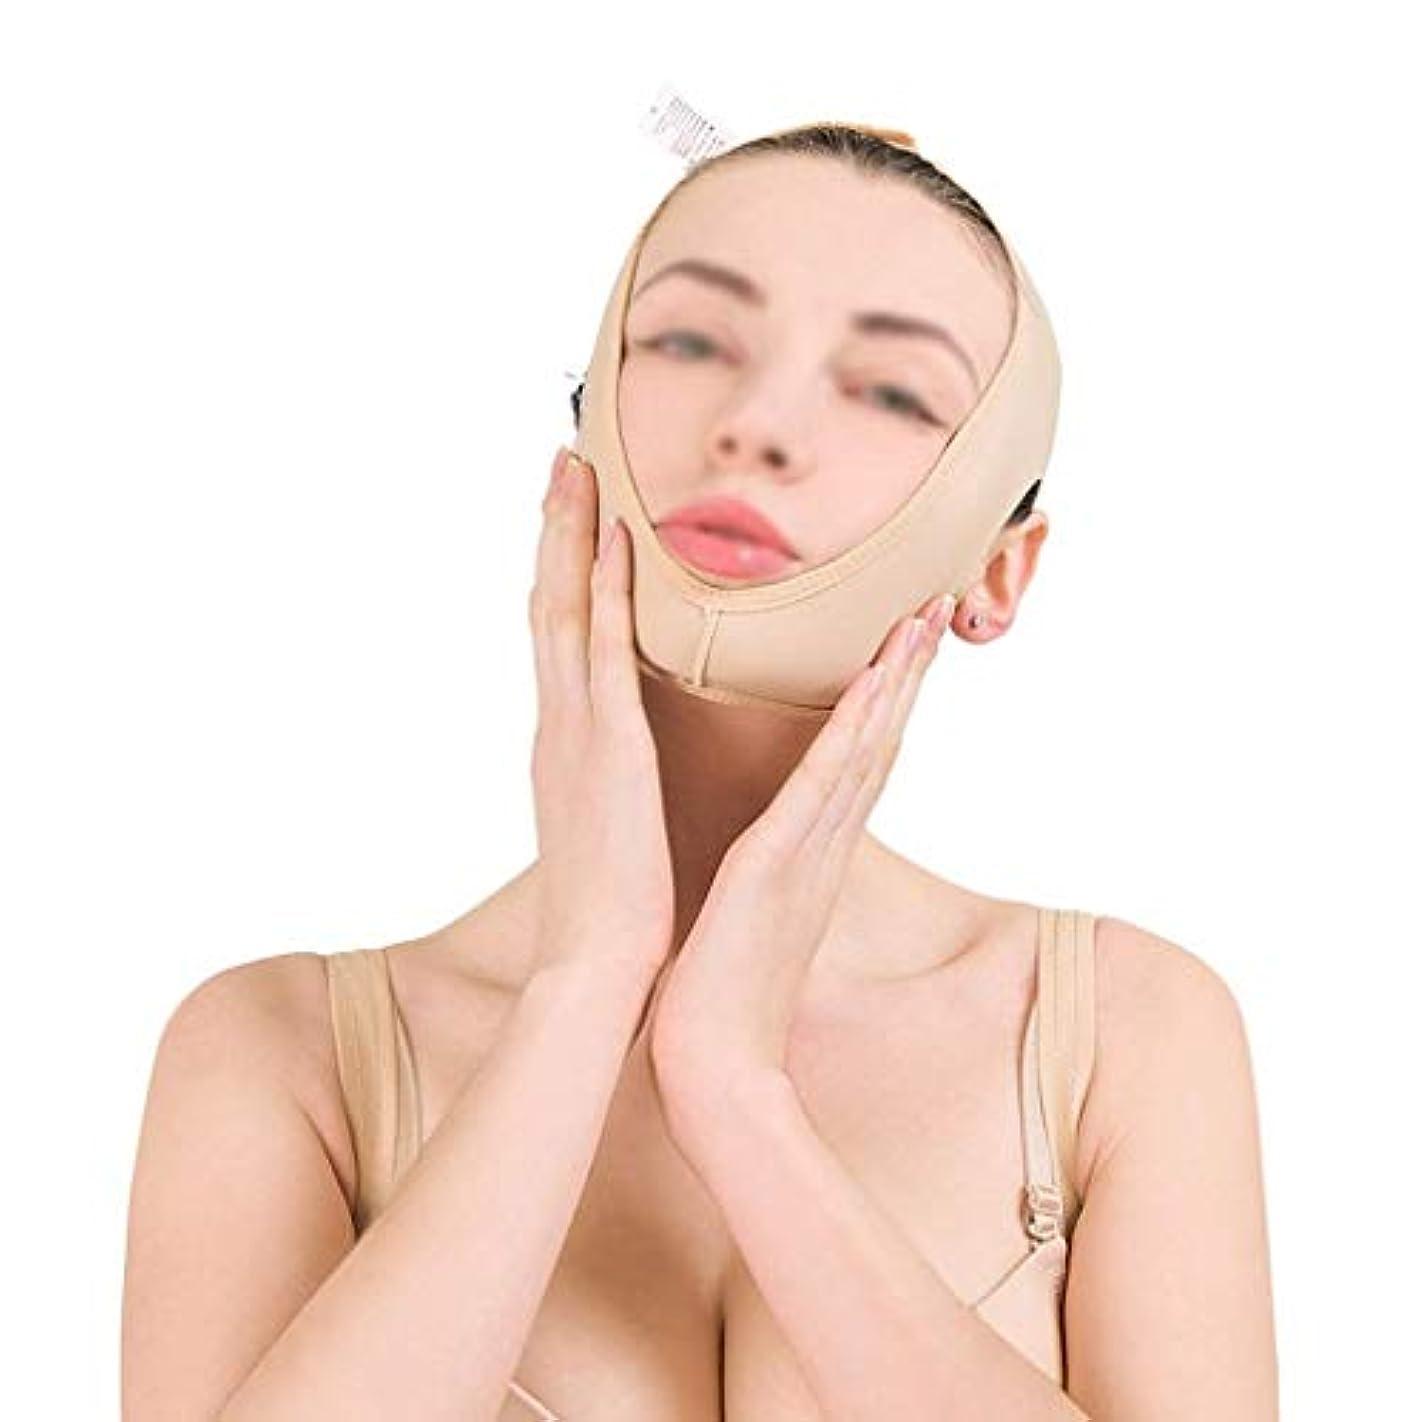 ラジカルぺディカブポータブルマスク減量、肌の包帯を引き締めるリフティングフェイスバンド、フェイスリフティング、ダブルチンビューティバンデージ、フェイスリフト(サイズ:L),M